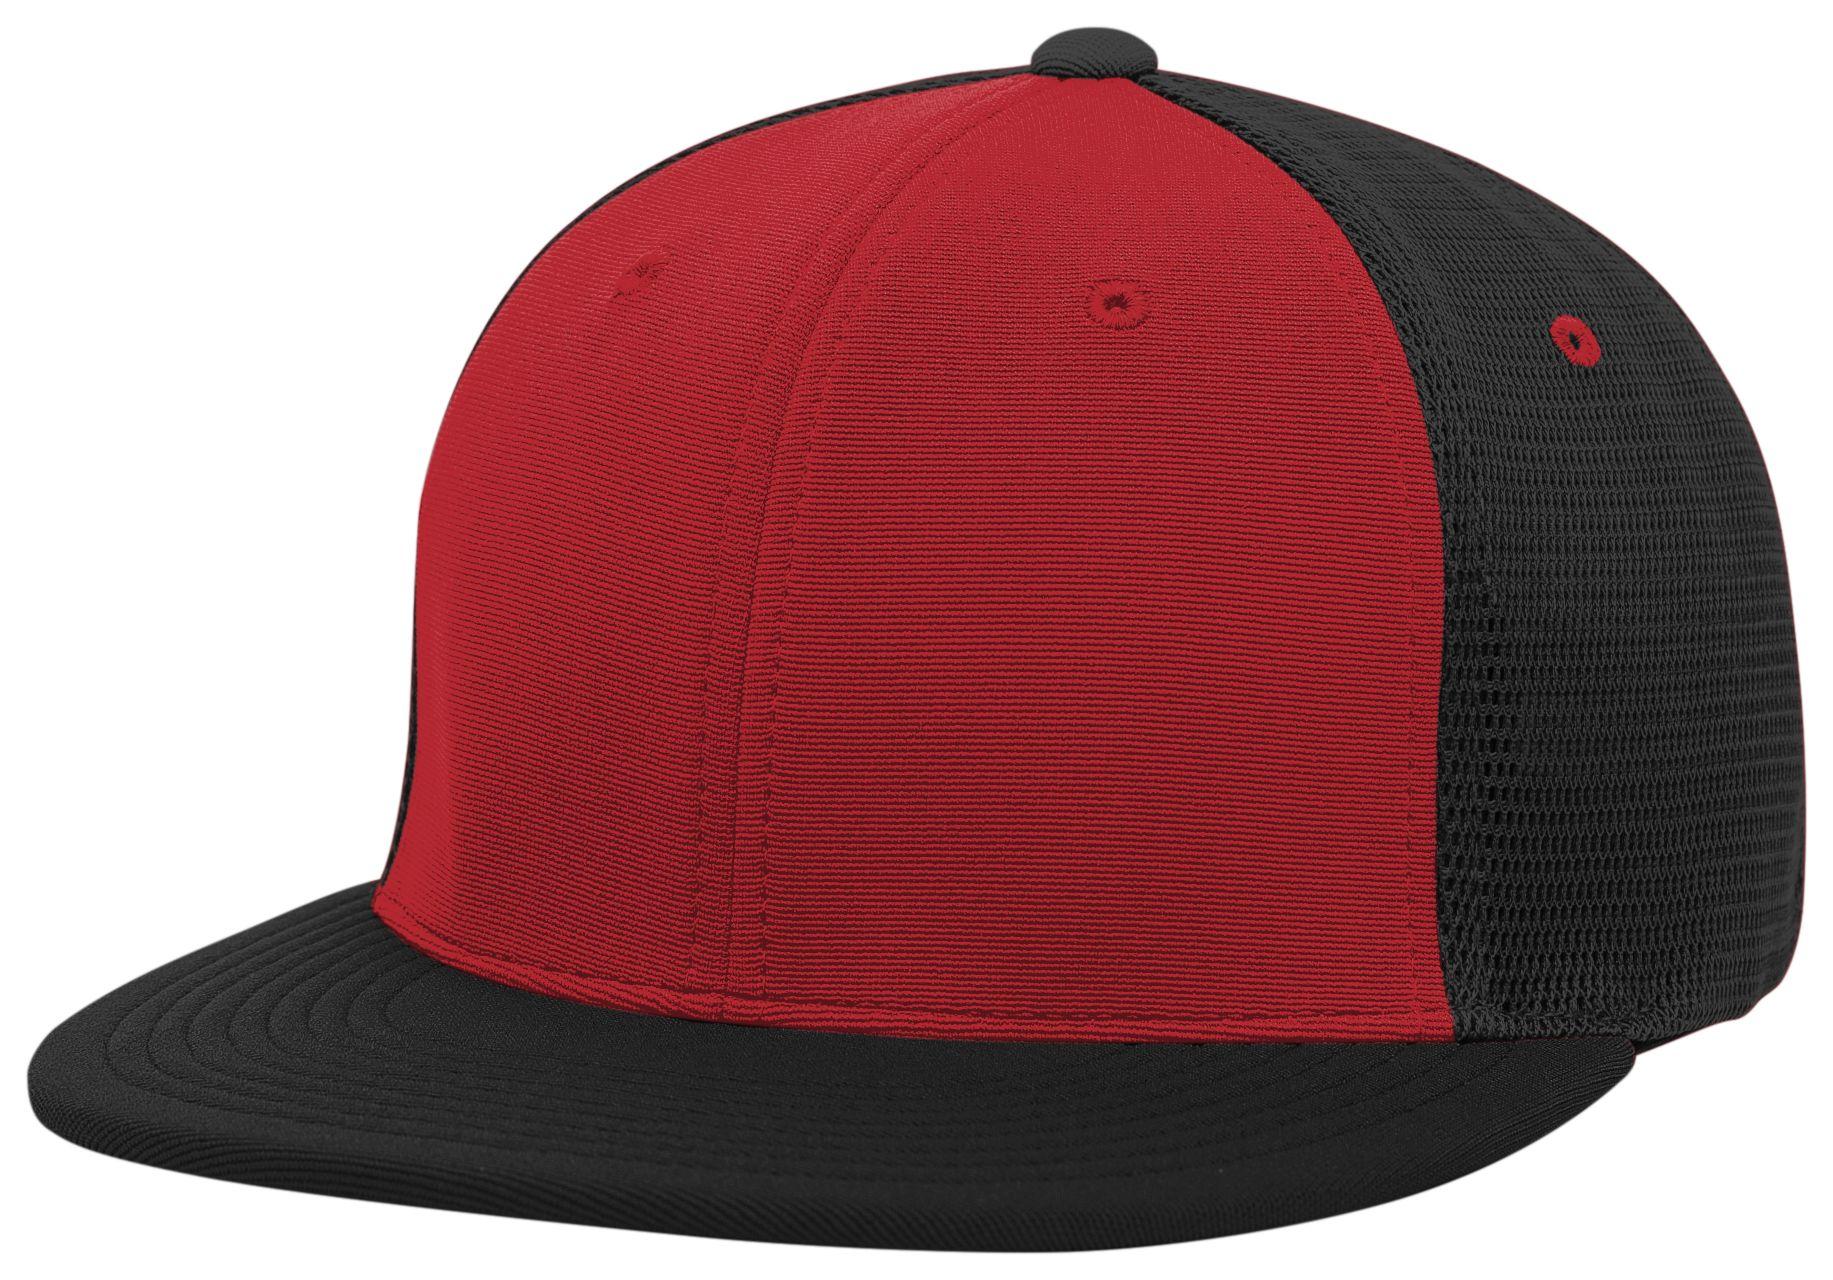 Premium M2 Performance Trucker Flexfit® Cap - RED/BLACK/BLACK